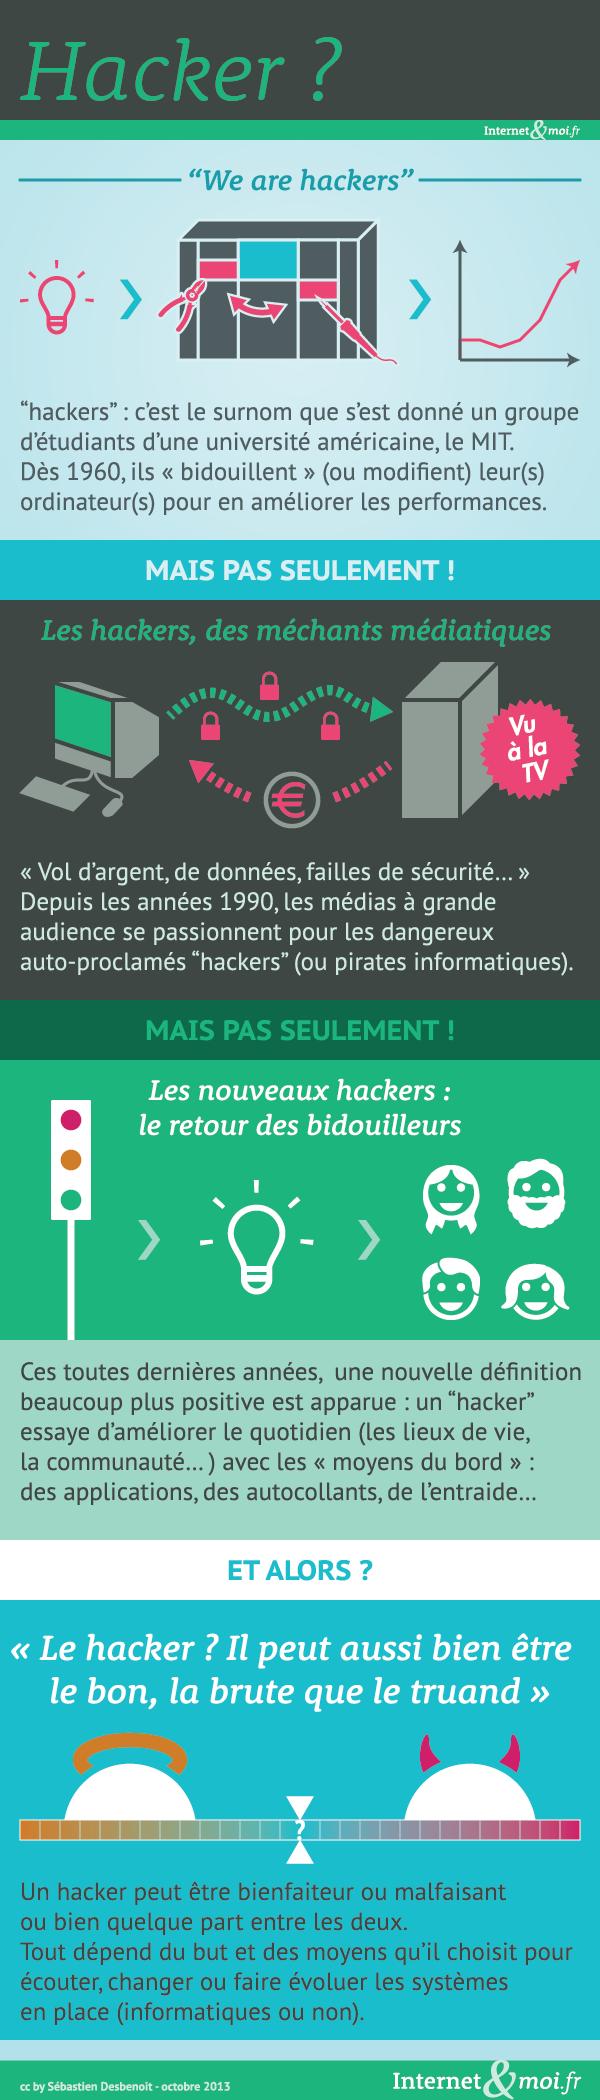 2013-10-29_Hacker